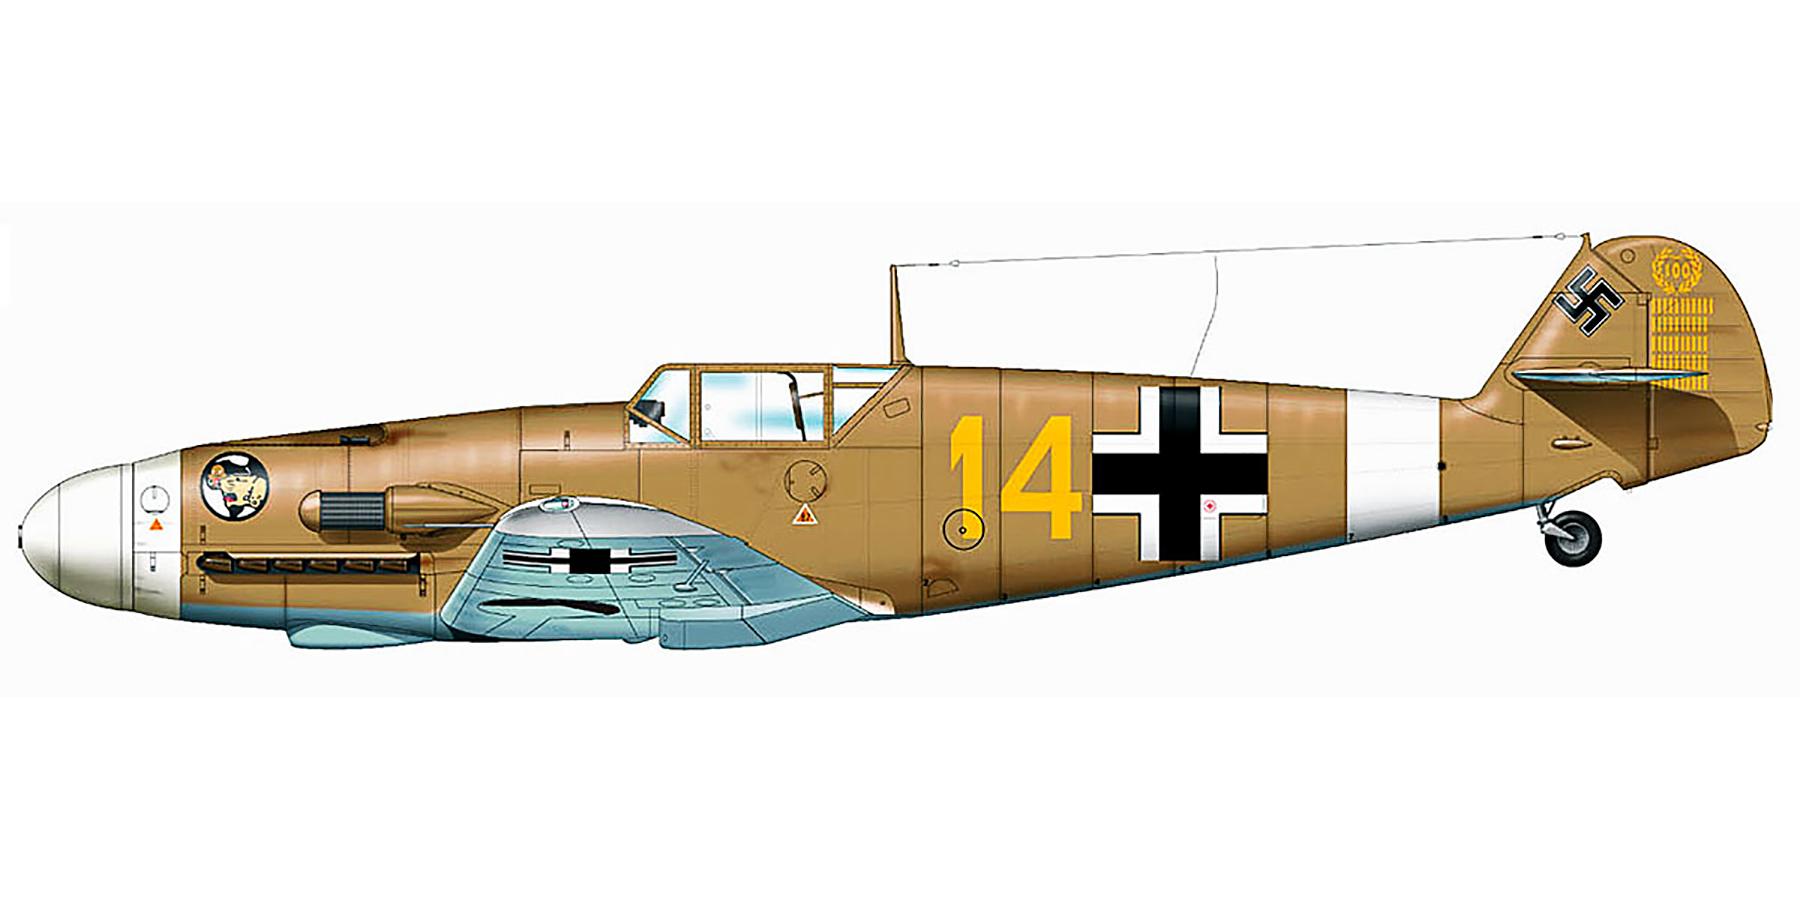 Messerschmitt Bf 109F4Trop 3.JG27 Yellow 14 Hans Joachim Marseille WNr 8673 Africa 21st Sep 1942 0B